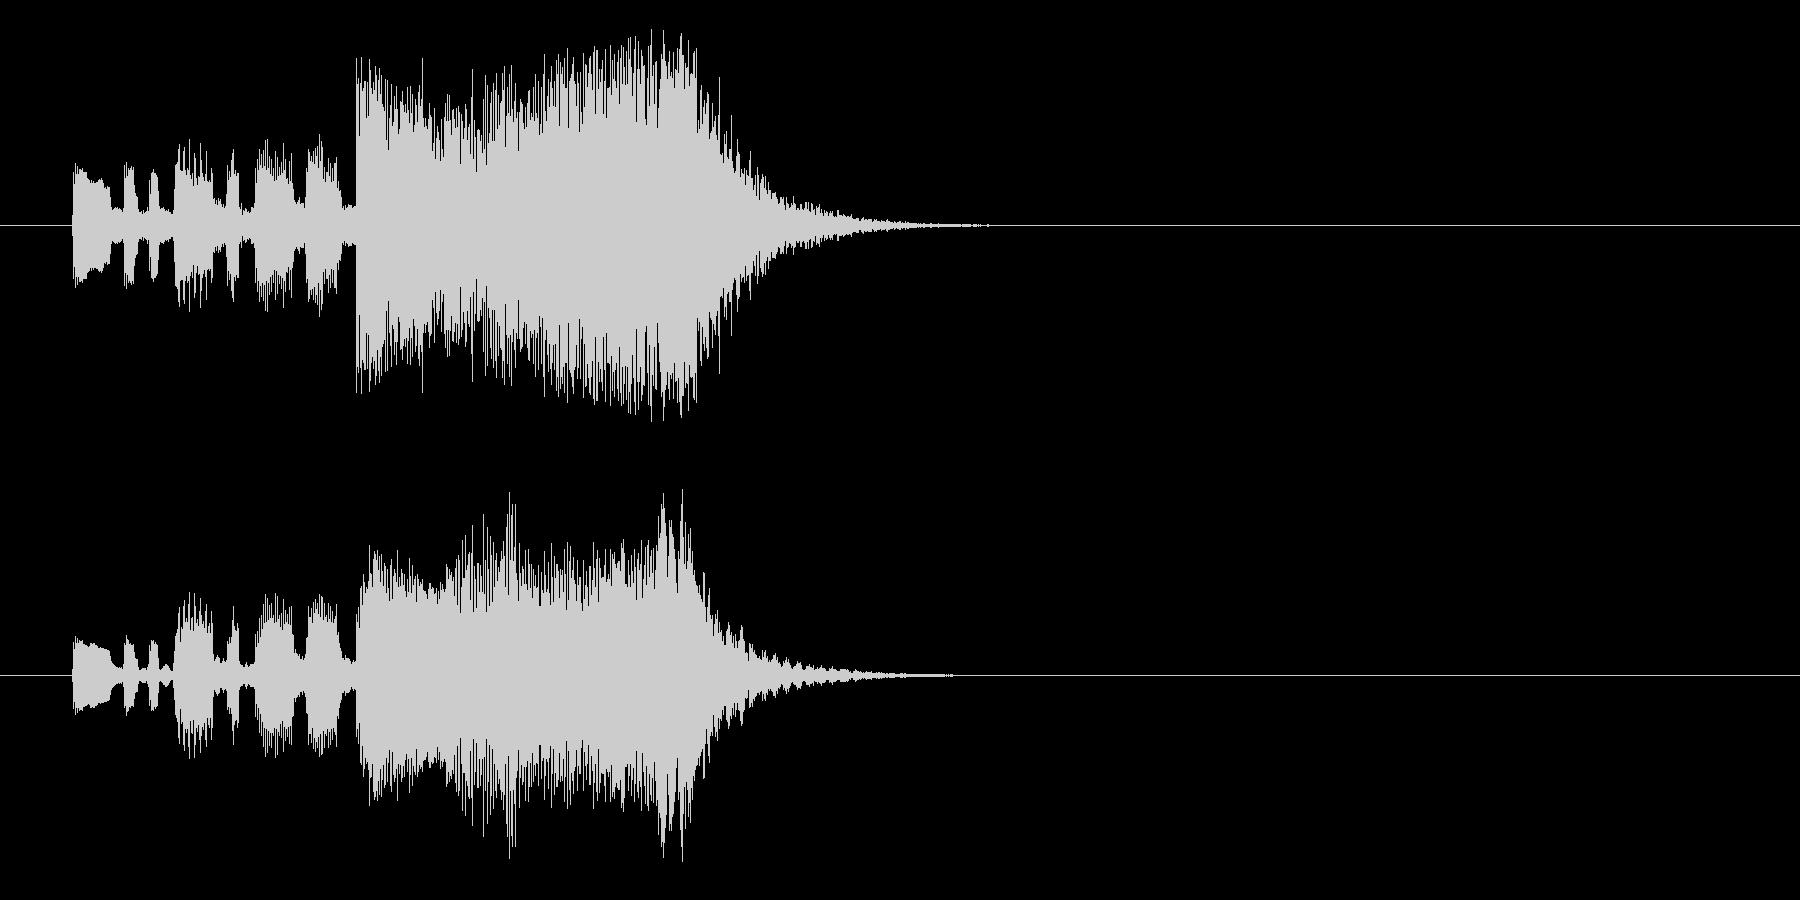 オーケストラ・ファンファーレ風ジングルの未再生の波形